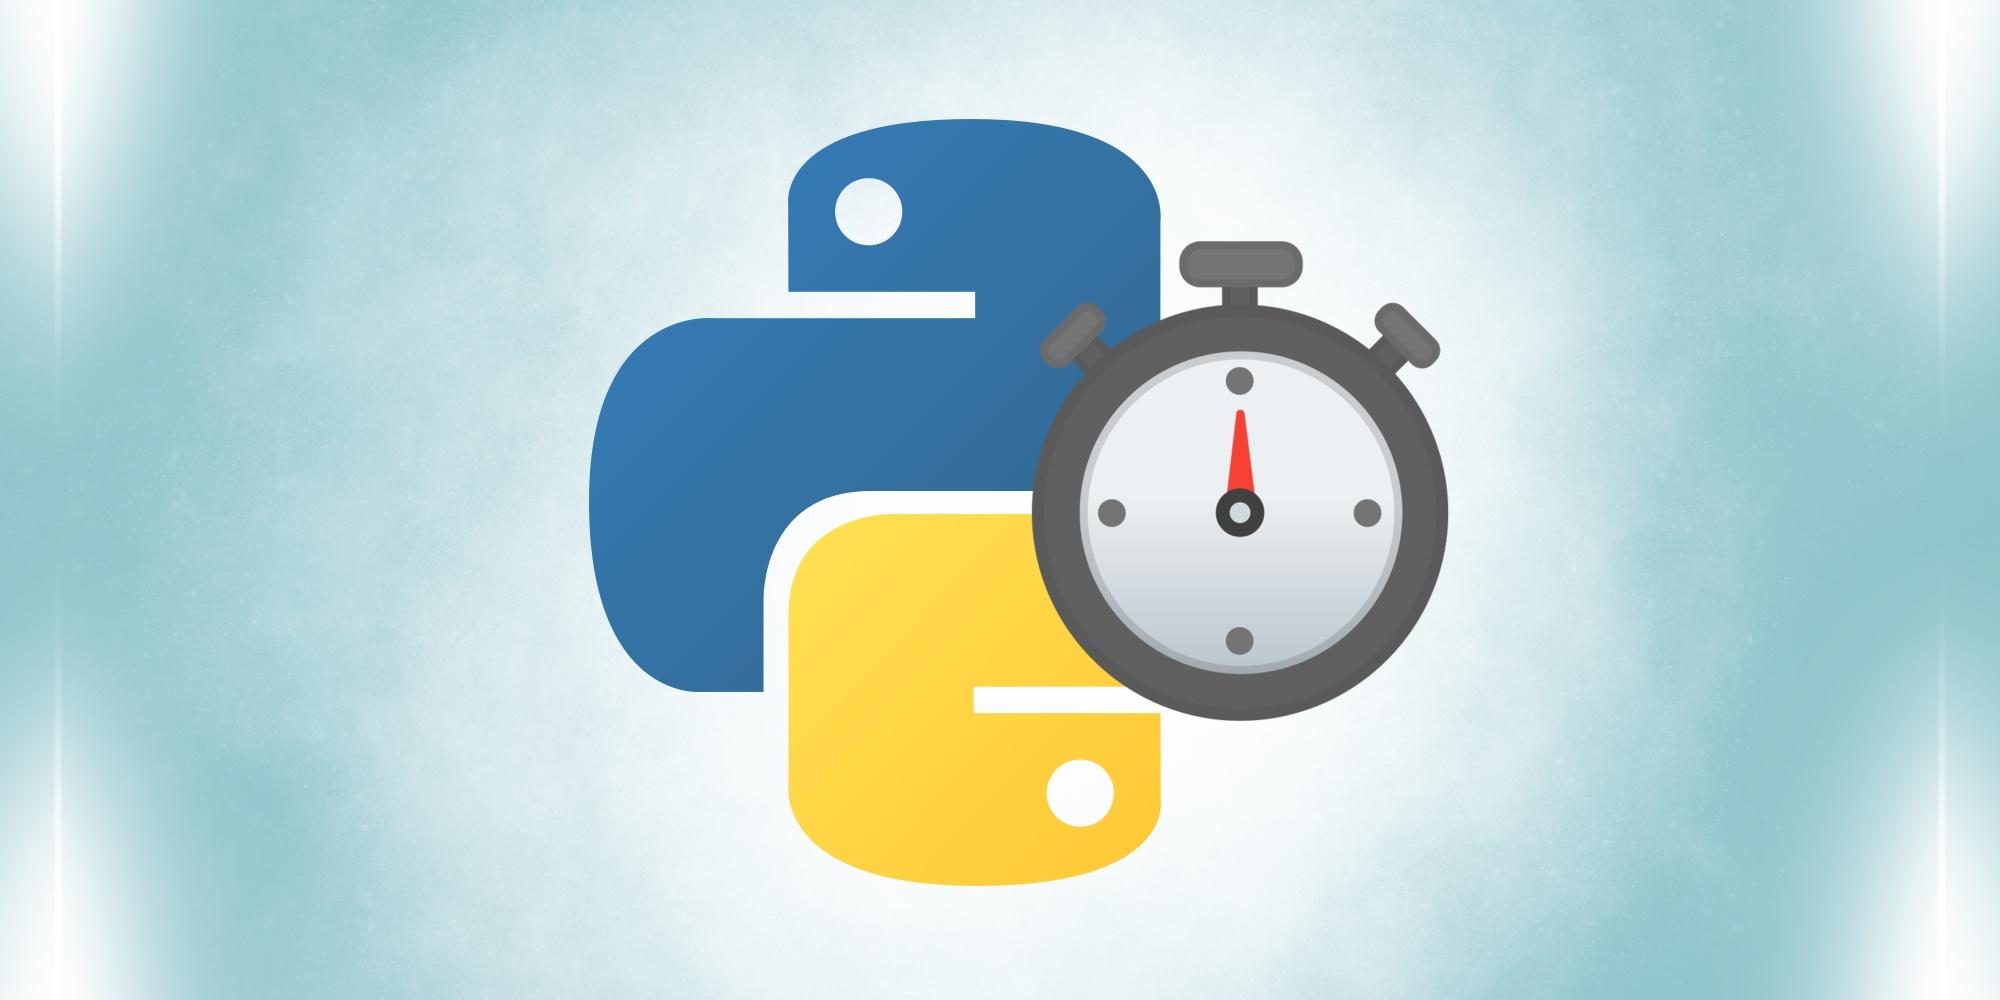 🐍 Самоучитель для начинающих: как освоить Python с нуля за 30 минут?